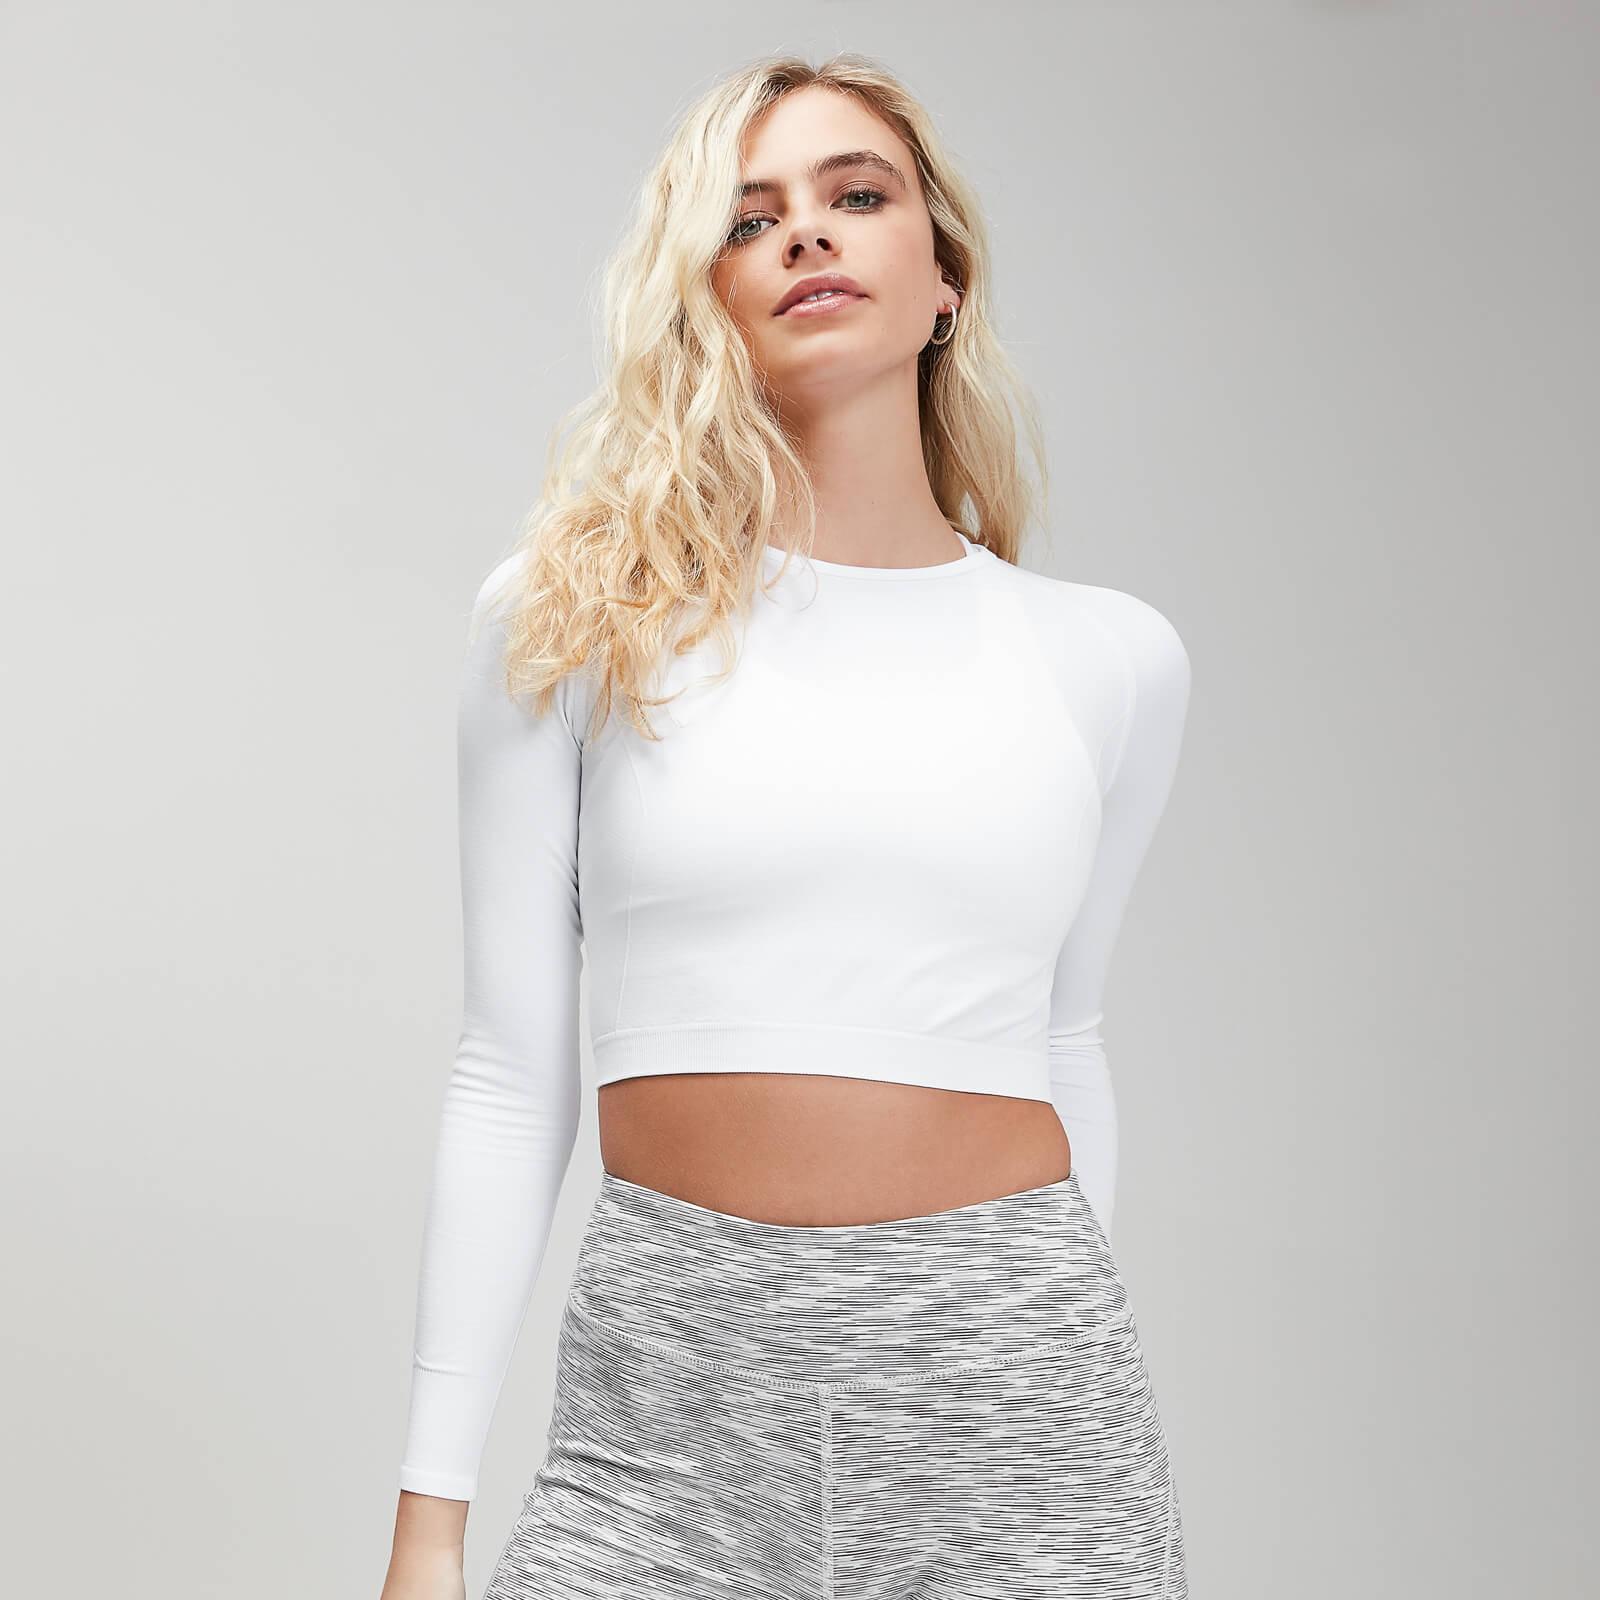 Crop top sans coutures à manches longues MP Shape Seamless Ultra pour femmes – Blanc - XXL